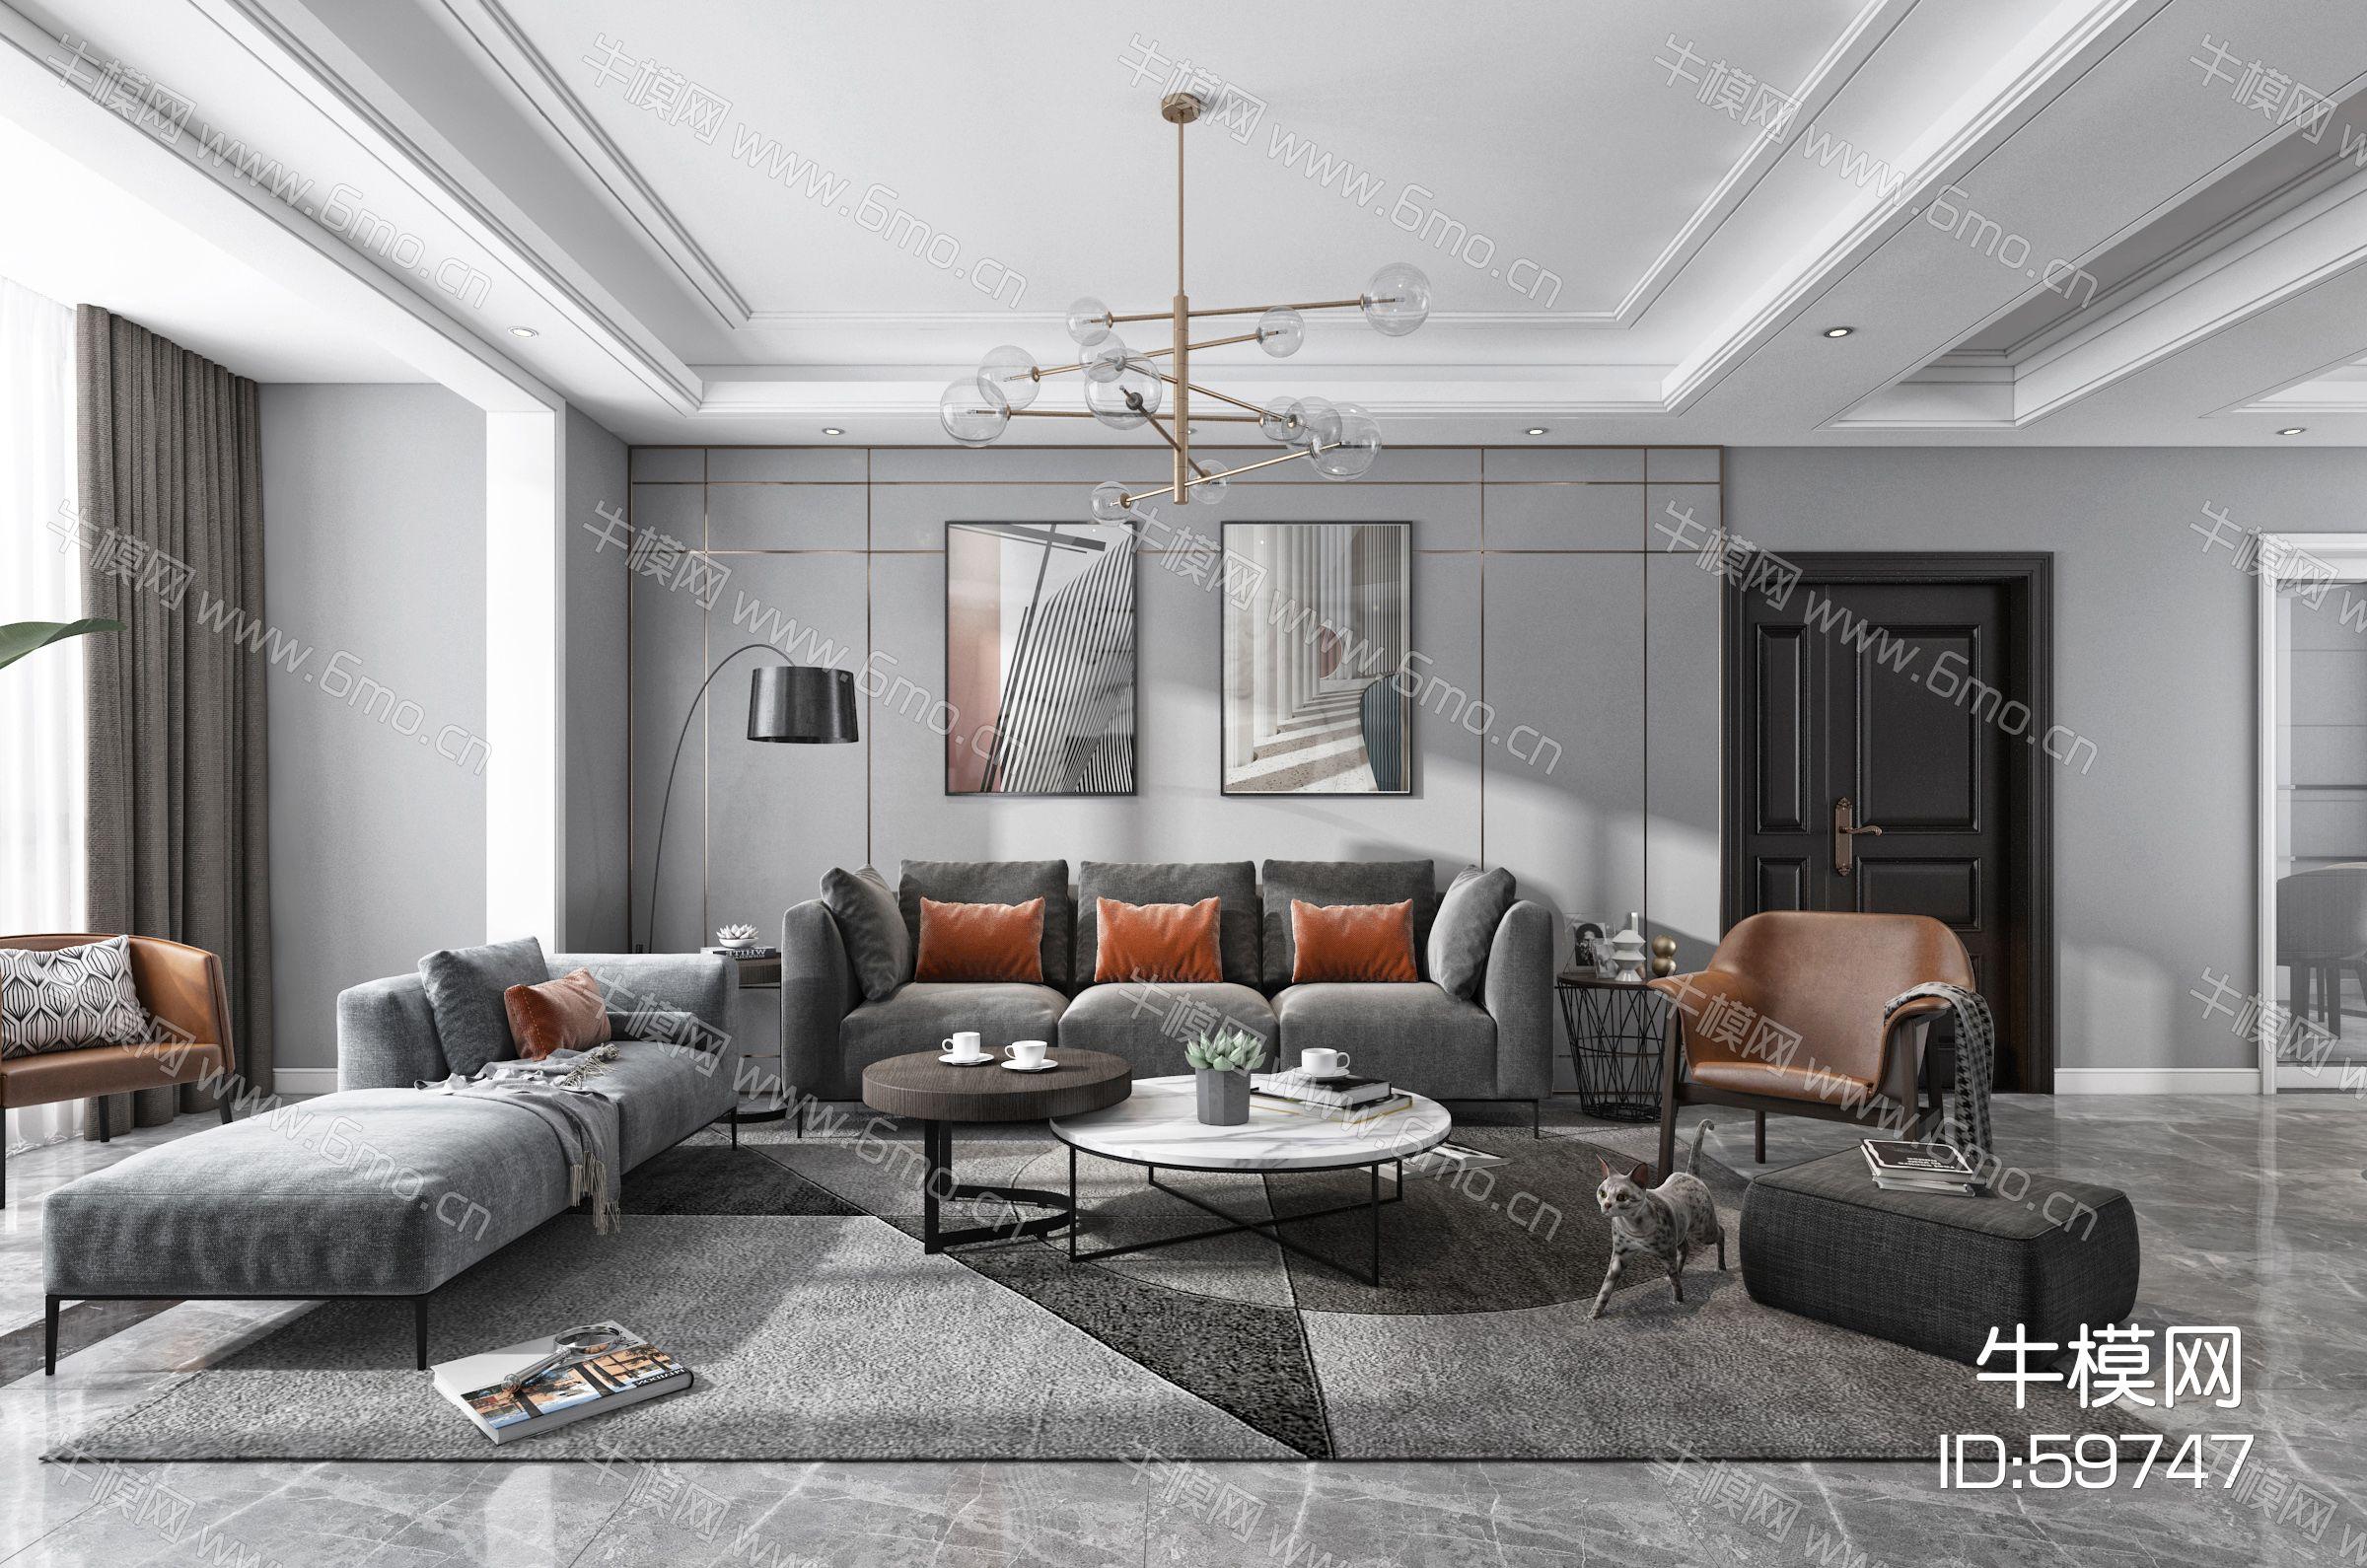 现代黑白灰客厅餐厅,沙发,餐桌,电视柜,吊灯,装饰画